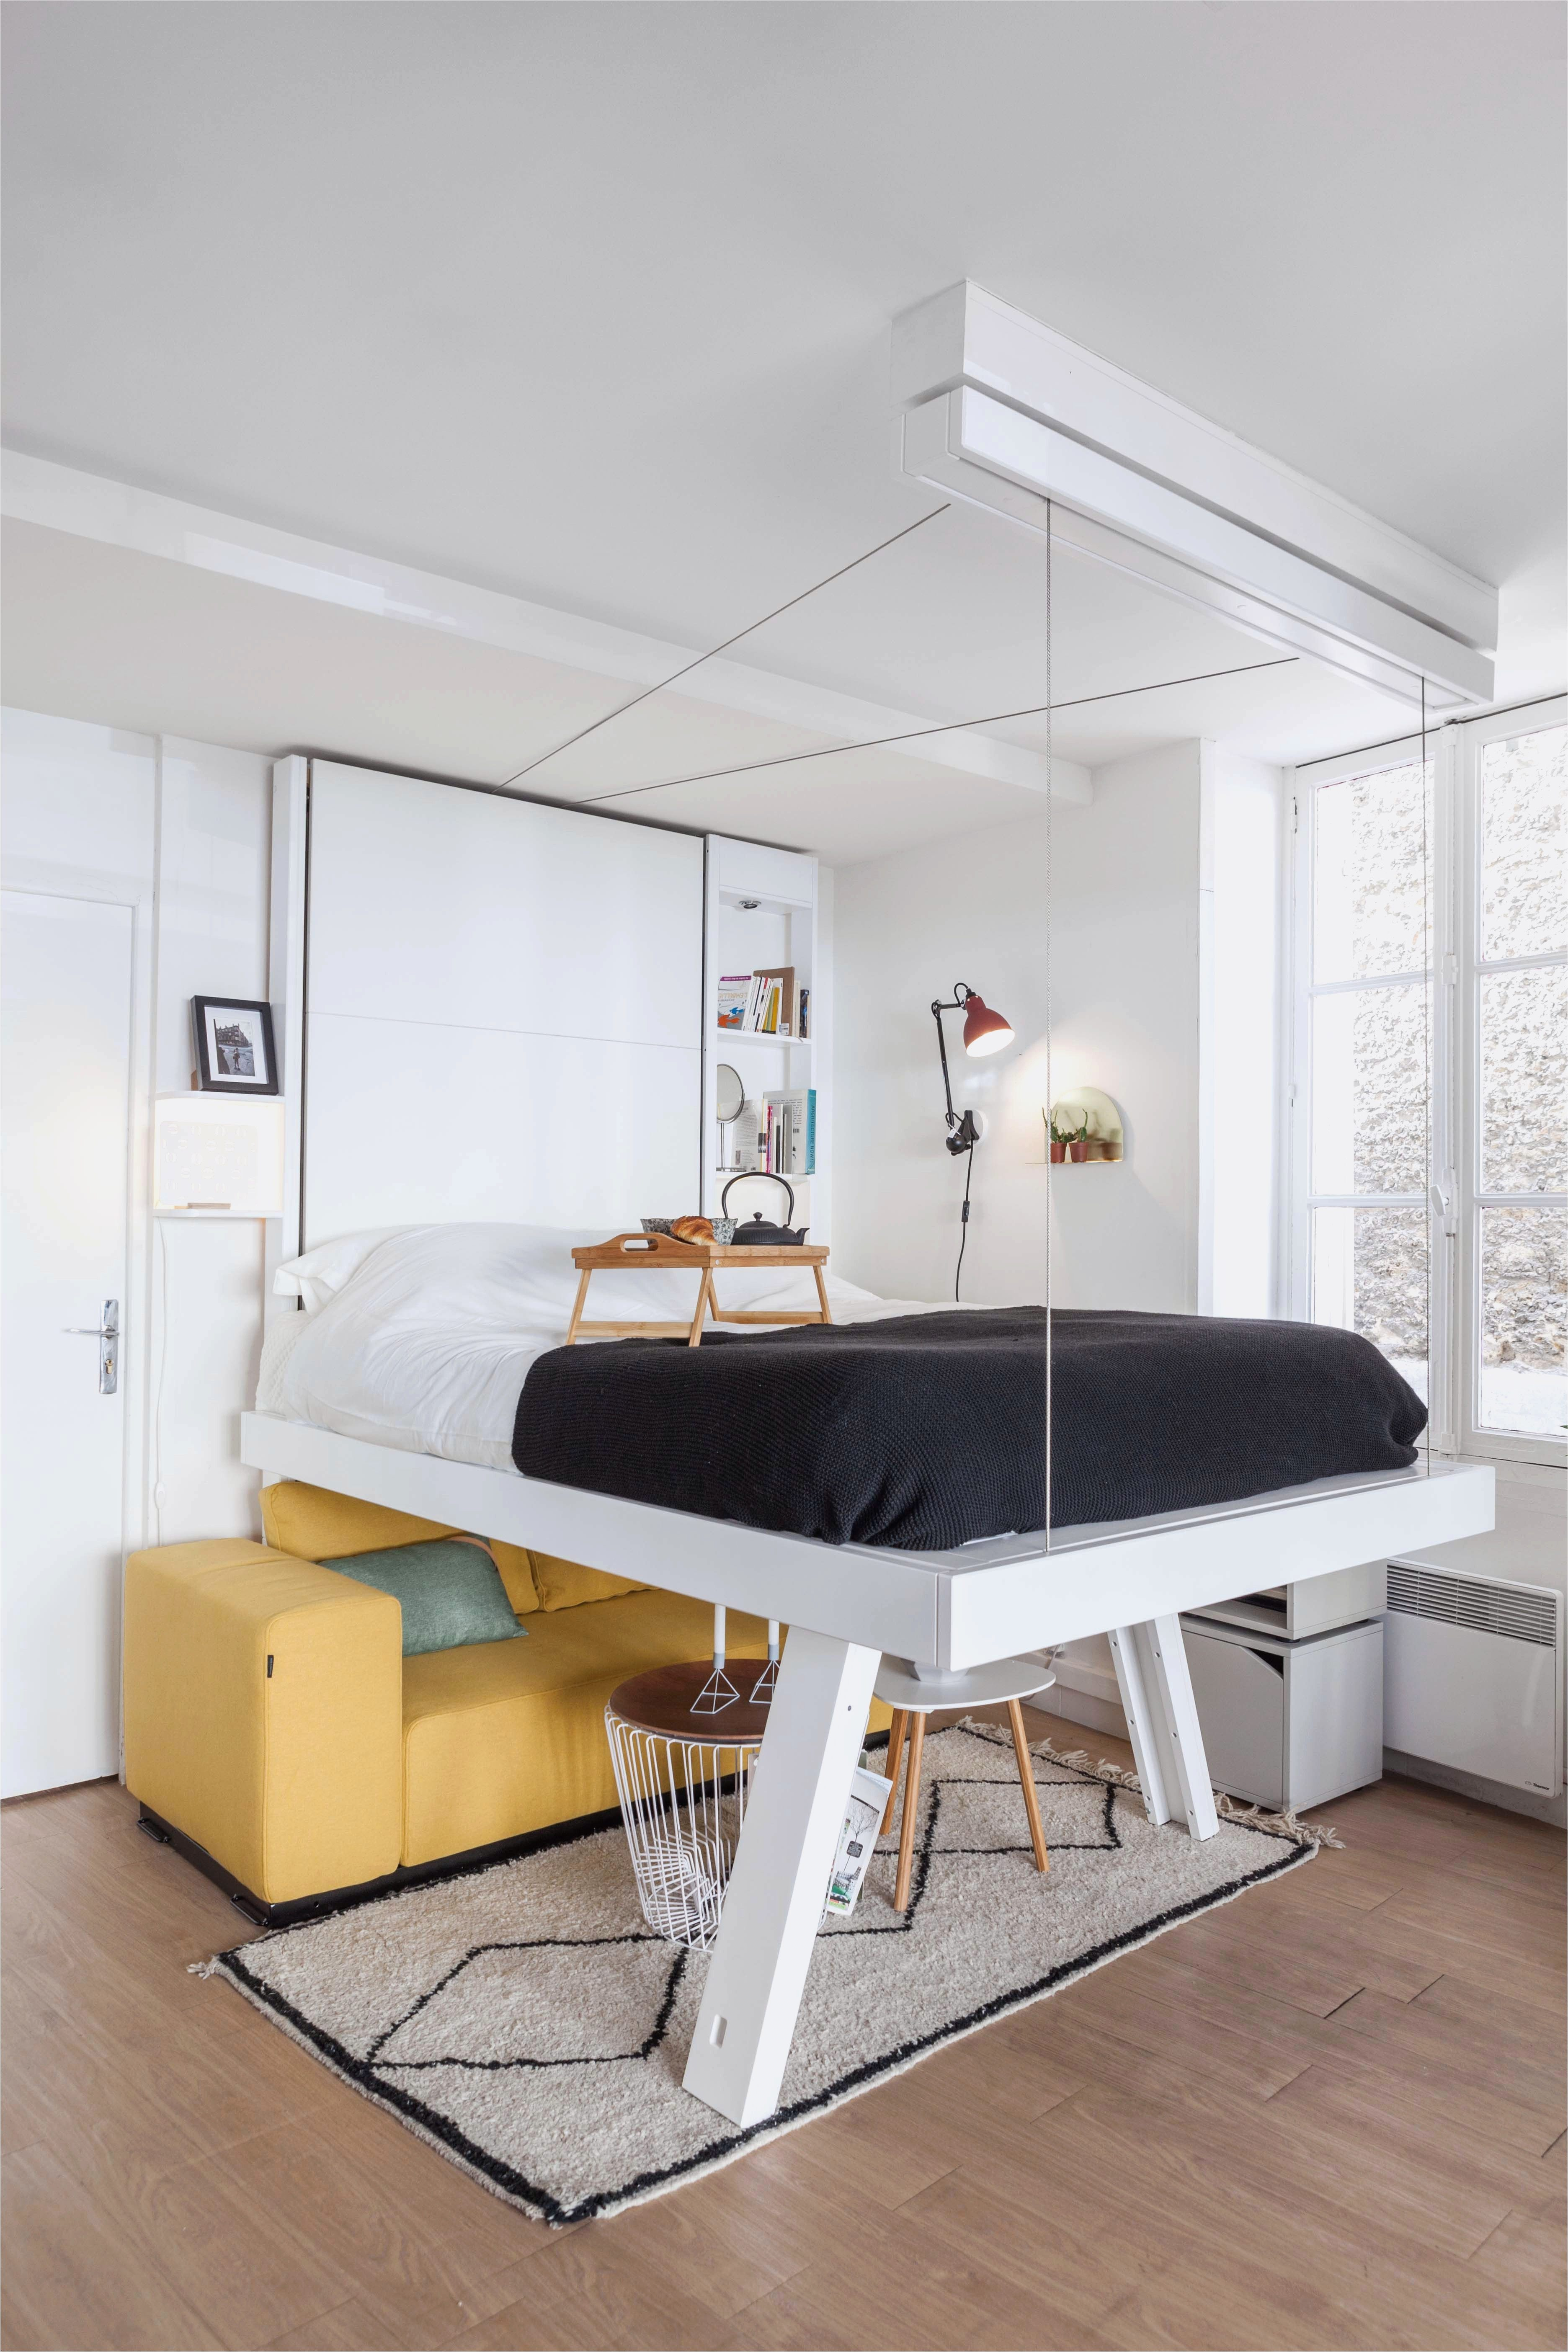 Lit Ikea 160×200 Génial Décoratif Armoire Lit 160×200 Ou Armoire Lit Ikea Avec Lit Gain De